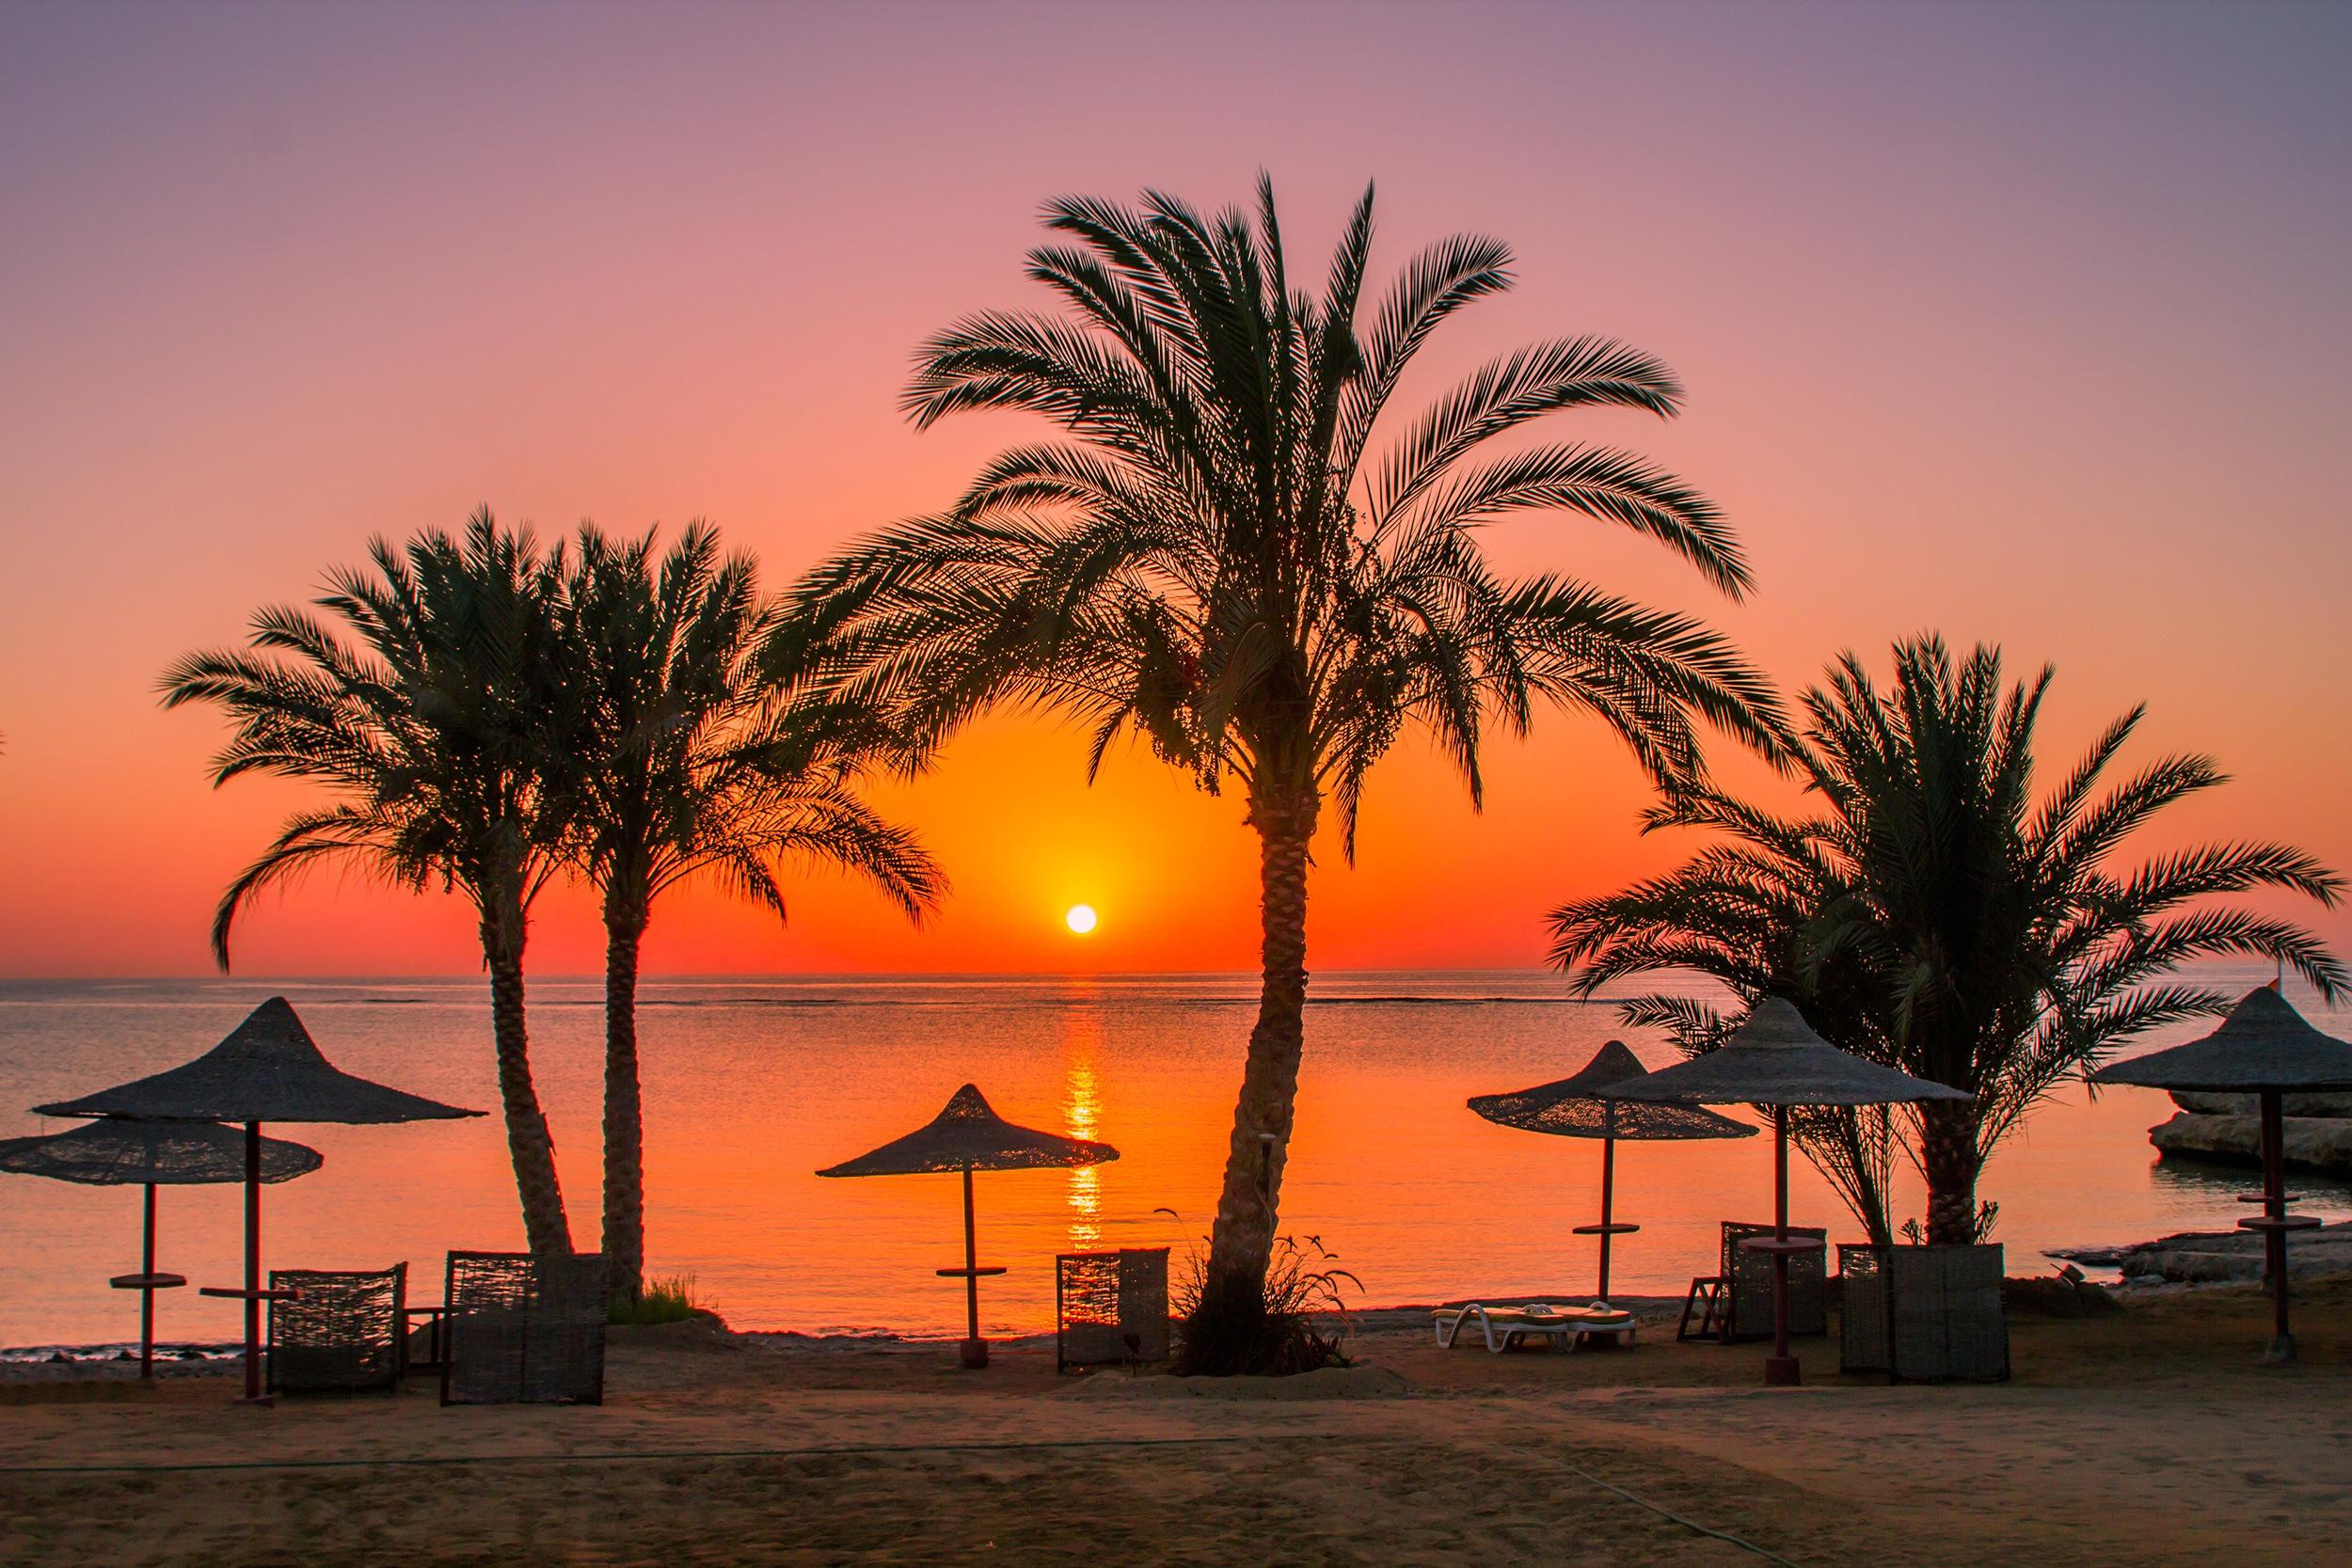 Urlaub in Ägypten: Romantische Strände